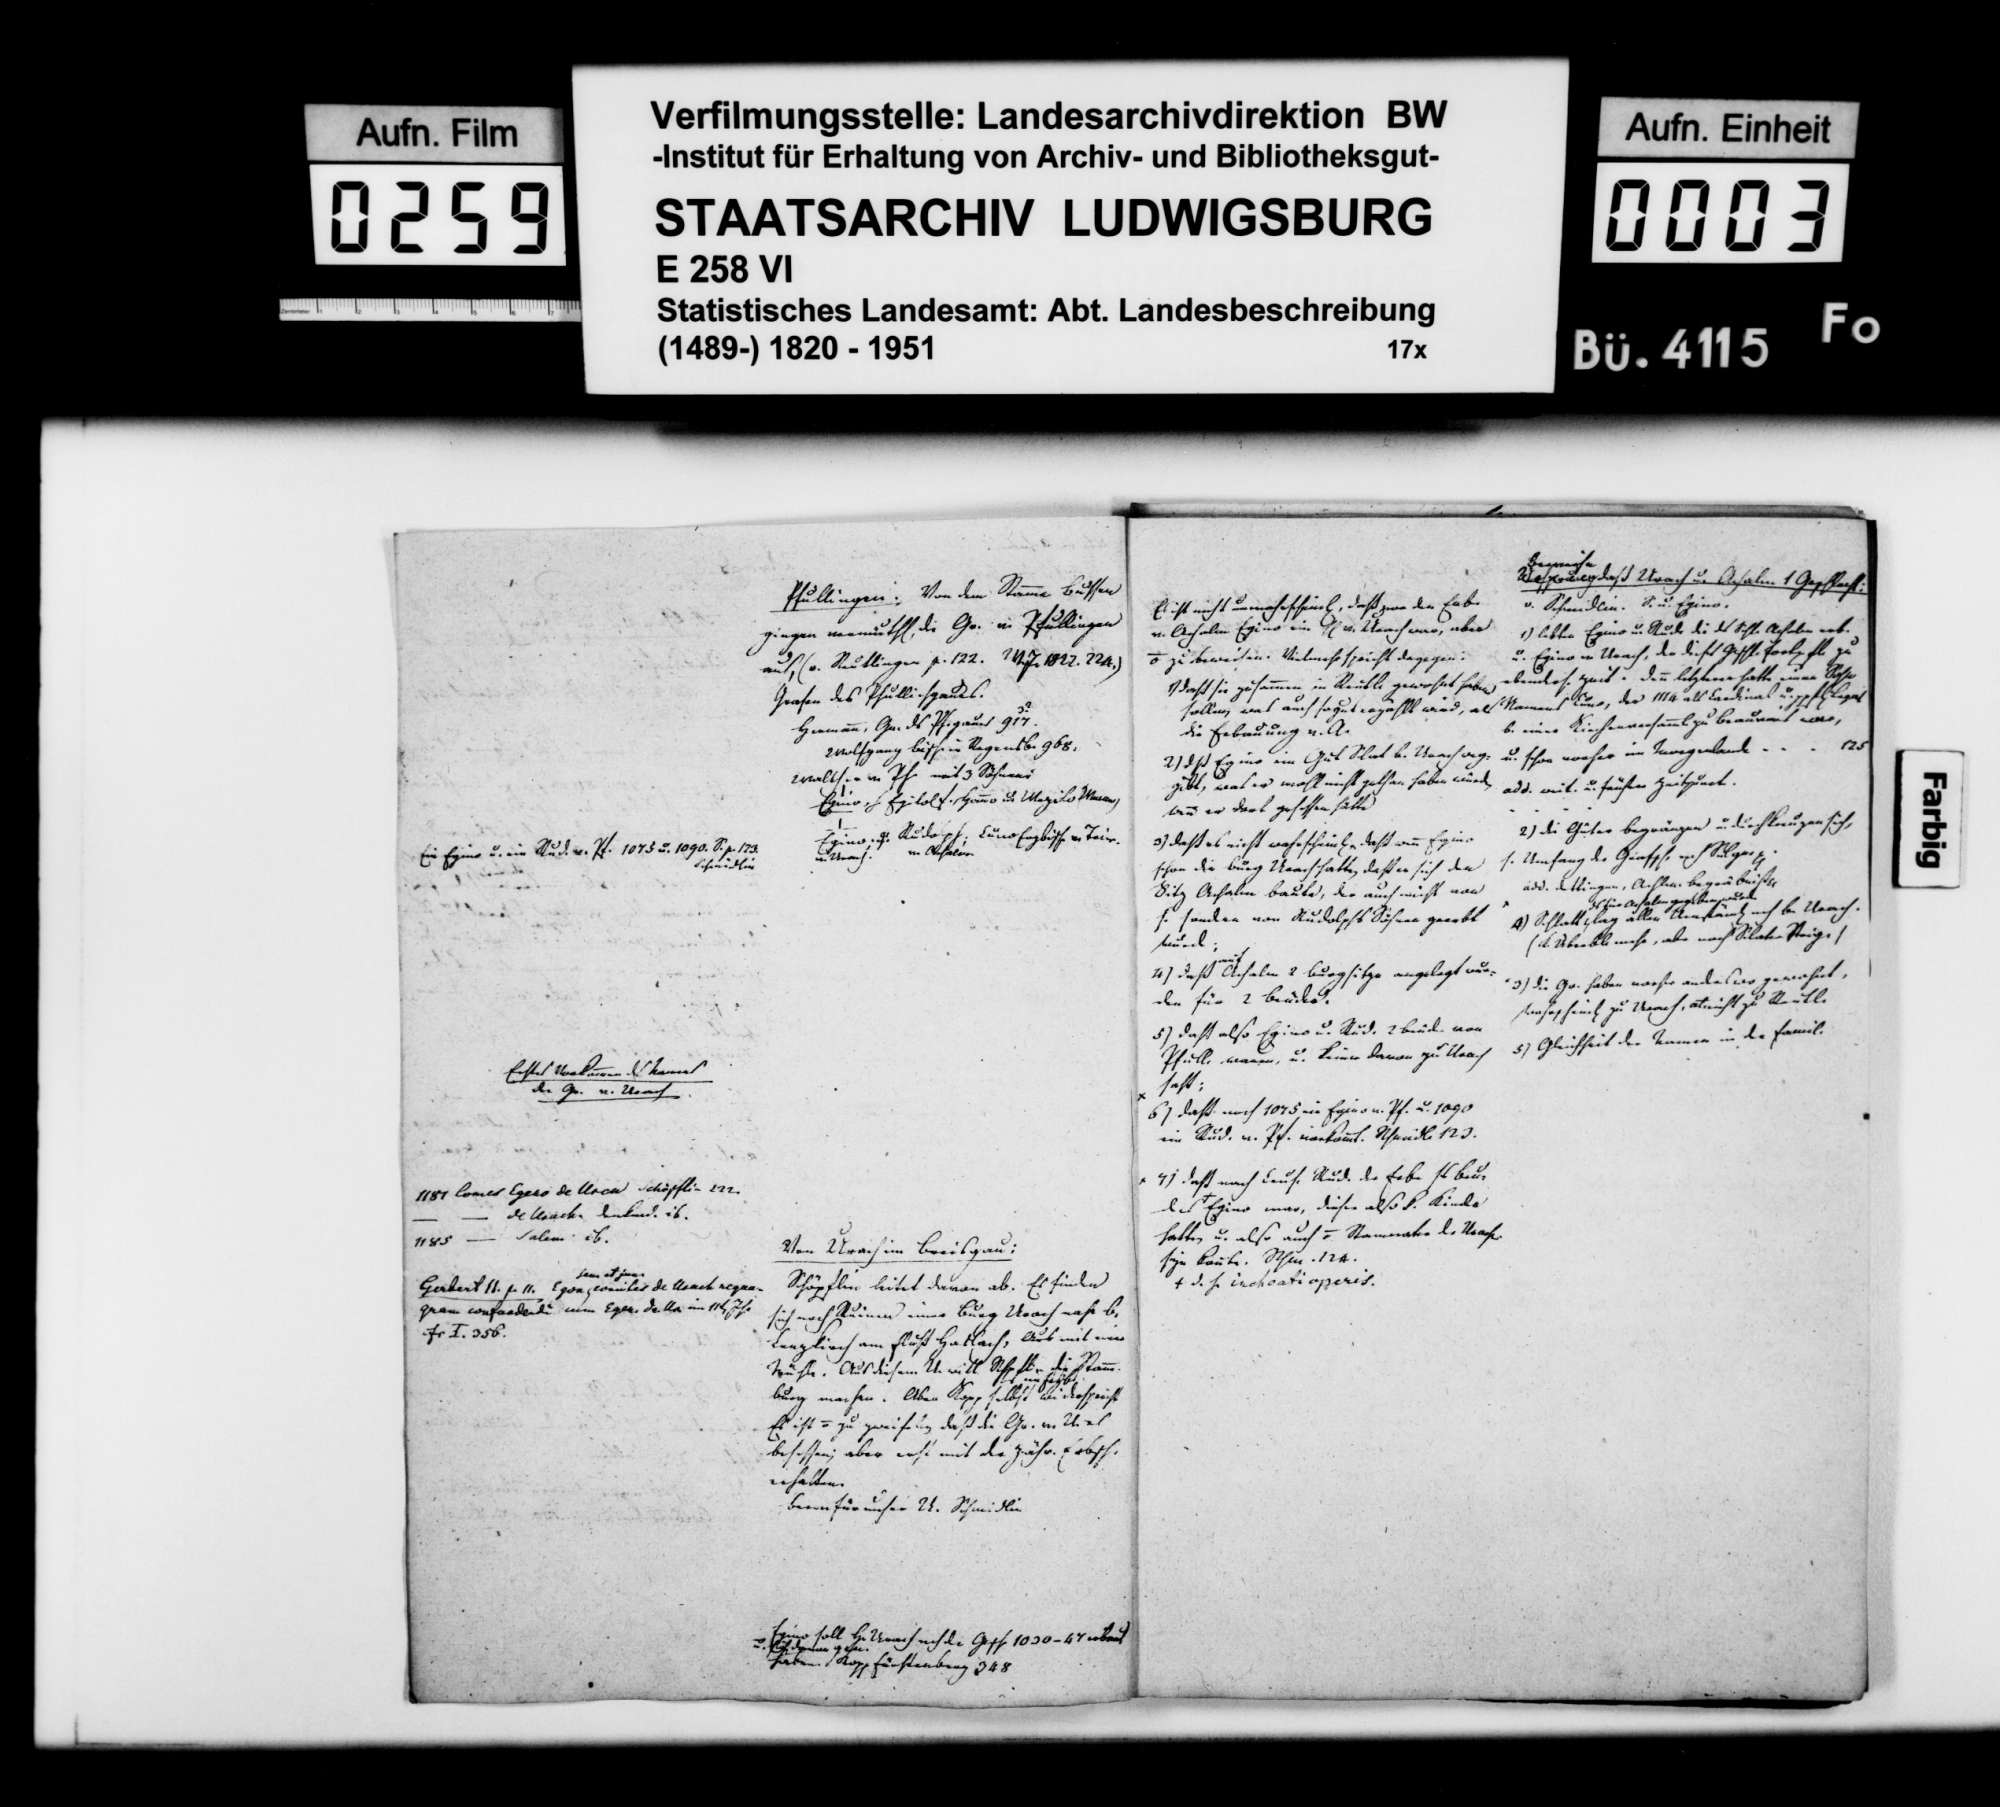 Konzept des Johann Daniel Georg Memminger zur OAB Urach, Rohfassung, Bild 2